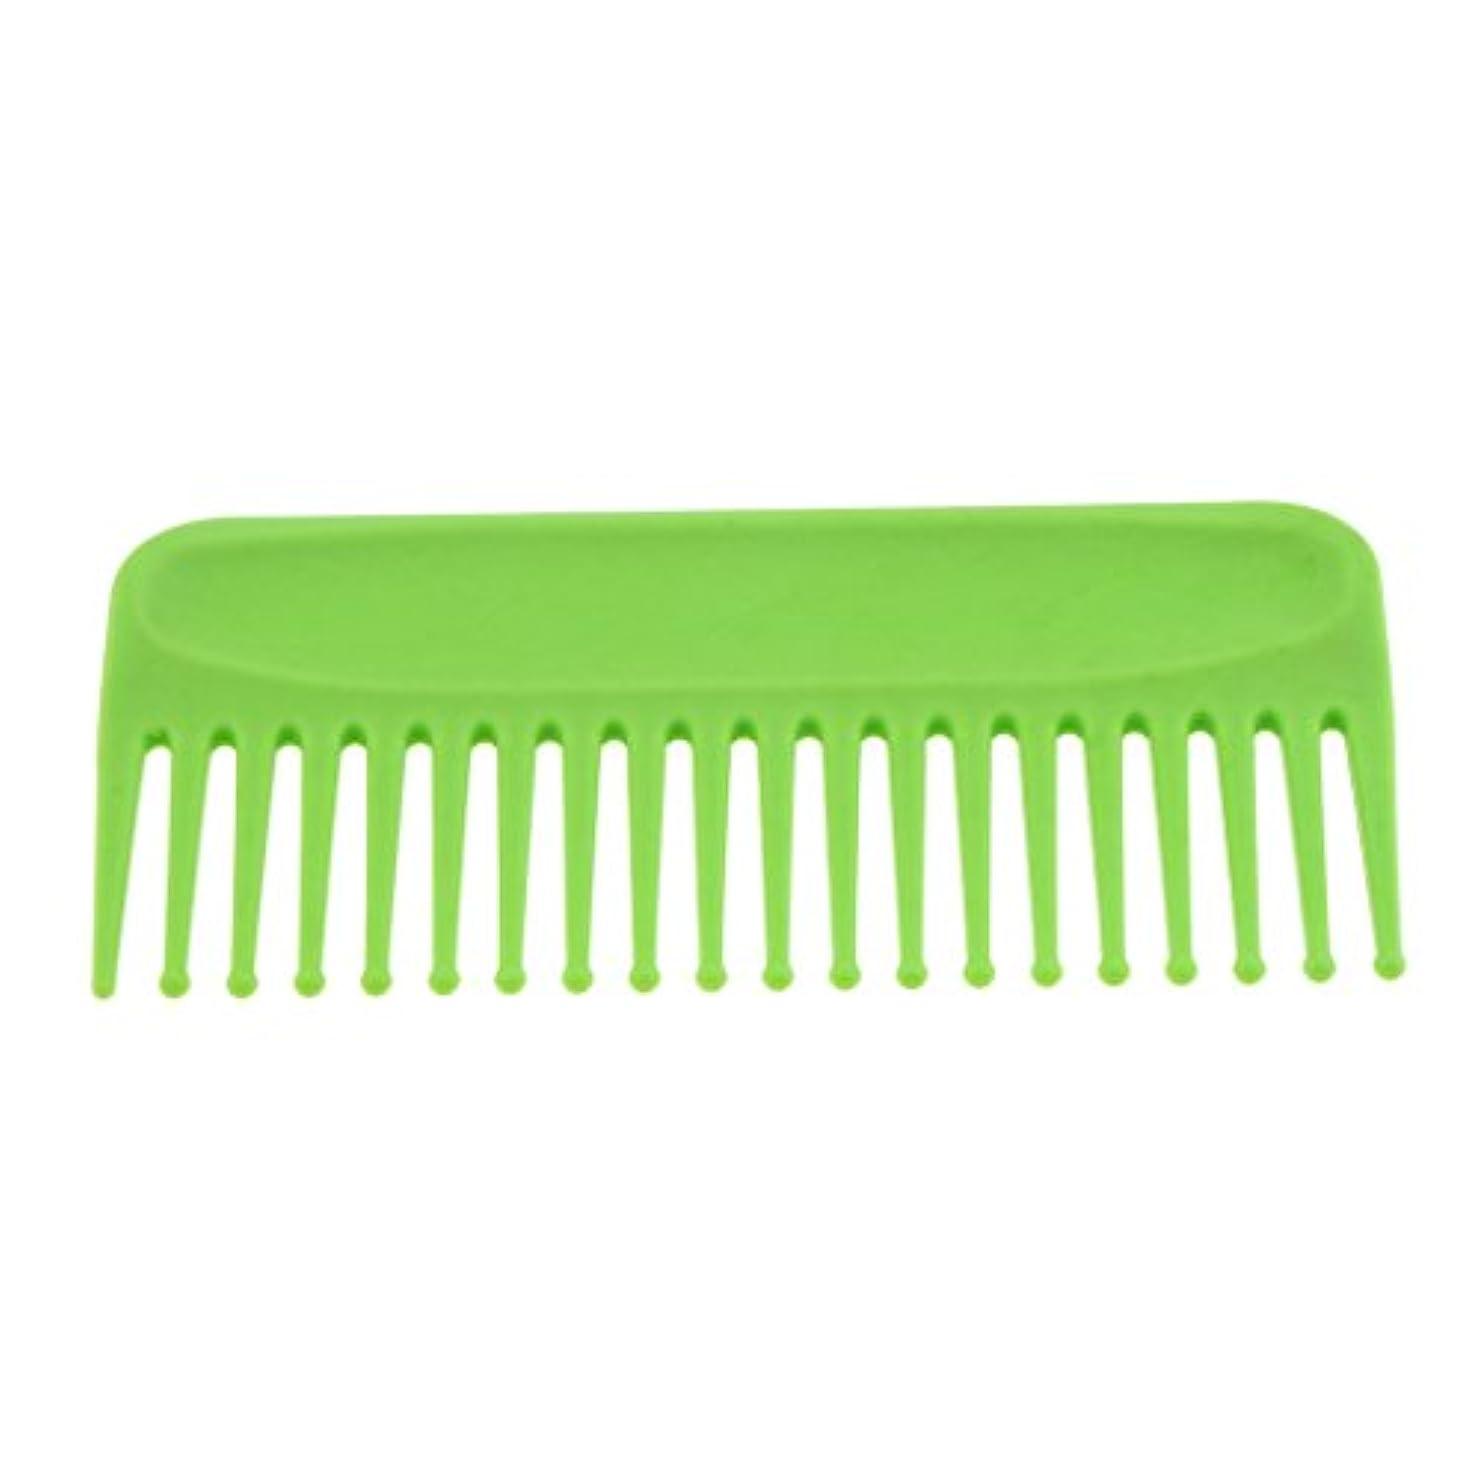 模倣裁量化粧Kesoto ヘアブラシ ヘアコーム コーム 櫛 くし サロン ヘアケア 耐熱性 帯電防止 頭皮 マッサージ 丸いヘッド 4色選べる - 緑